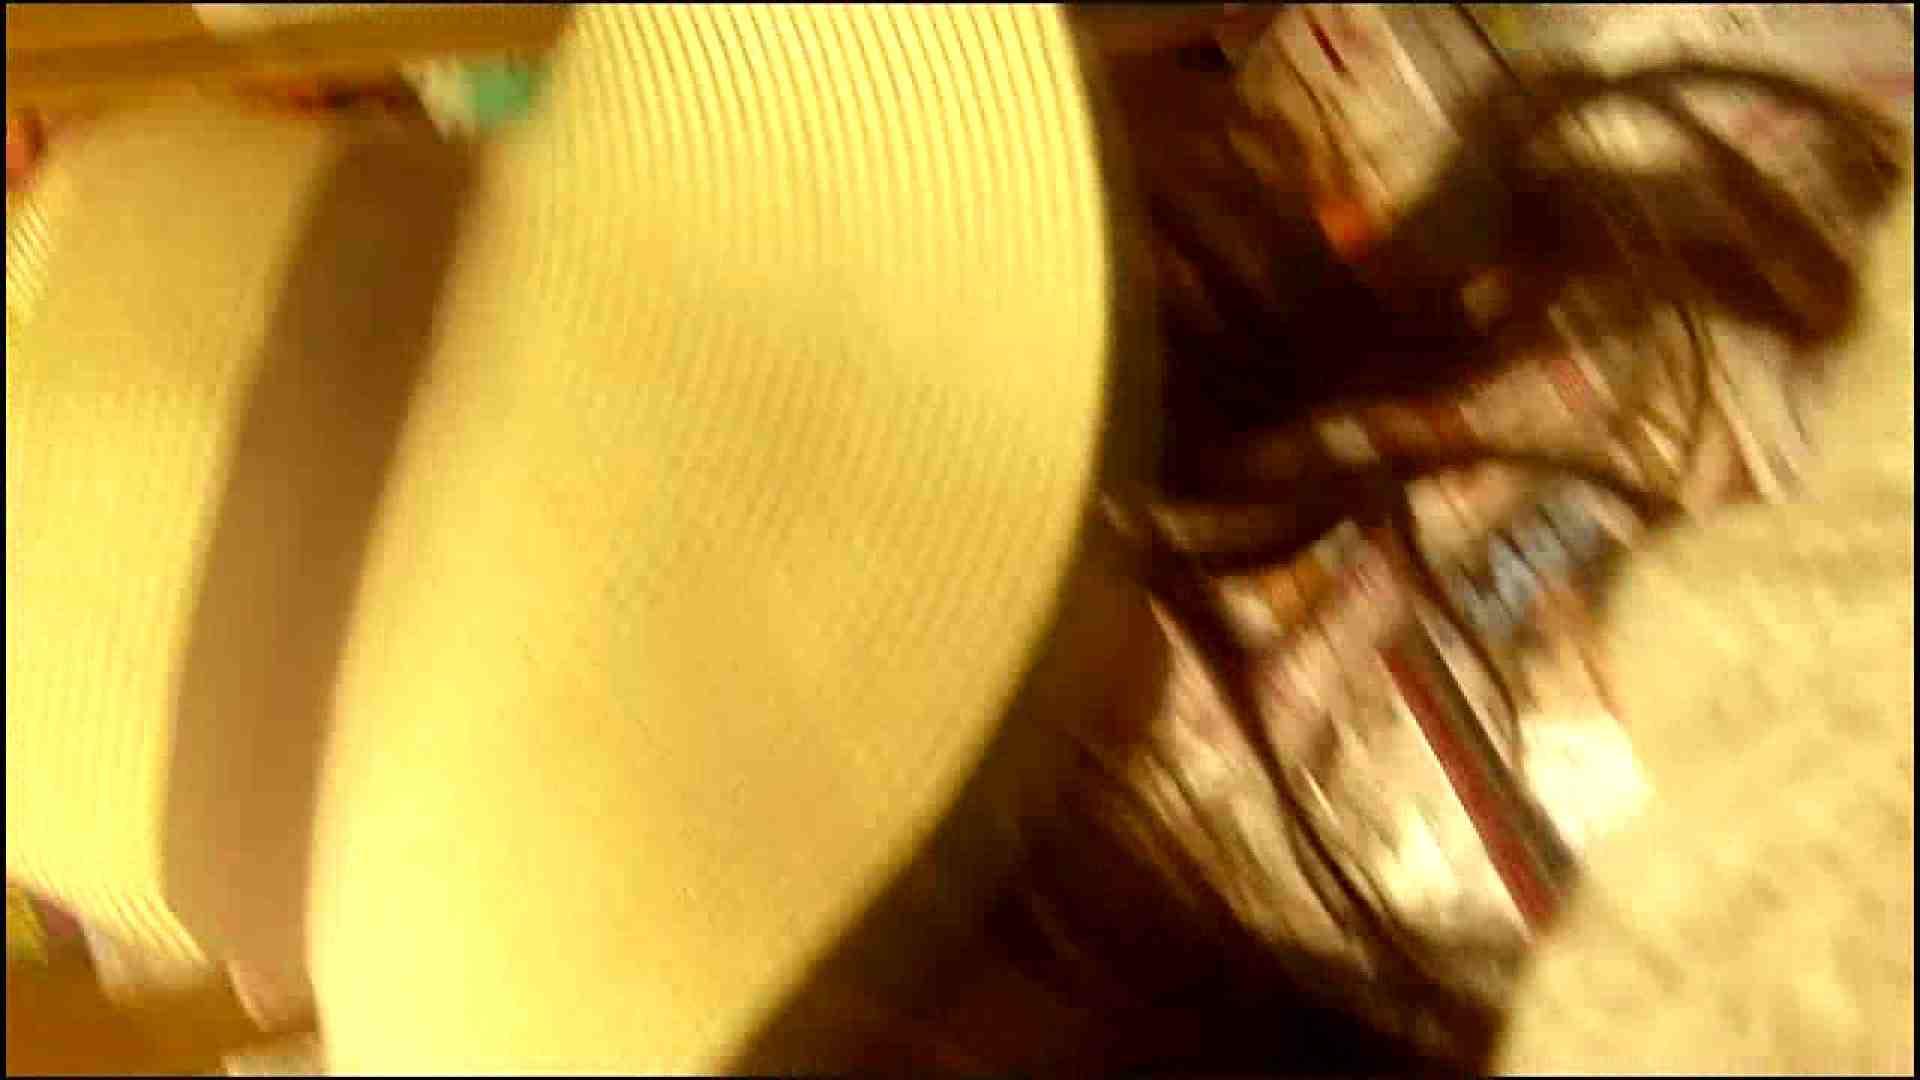 NO.2 本屋にいた巨乳ギャル お姉さんの胸チラ  108画像 92